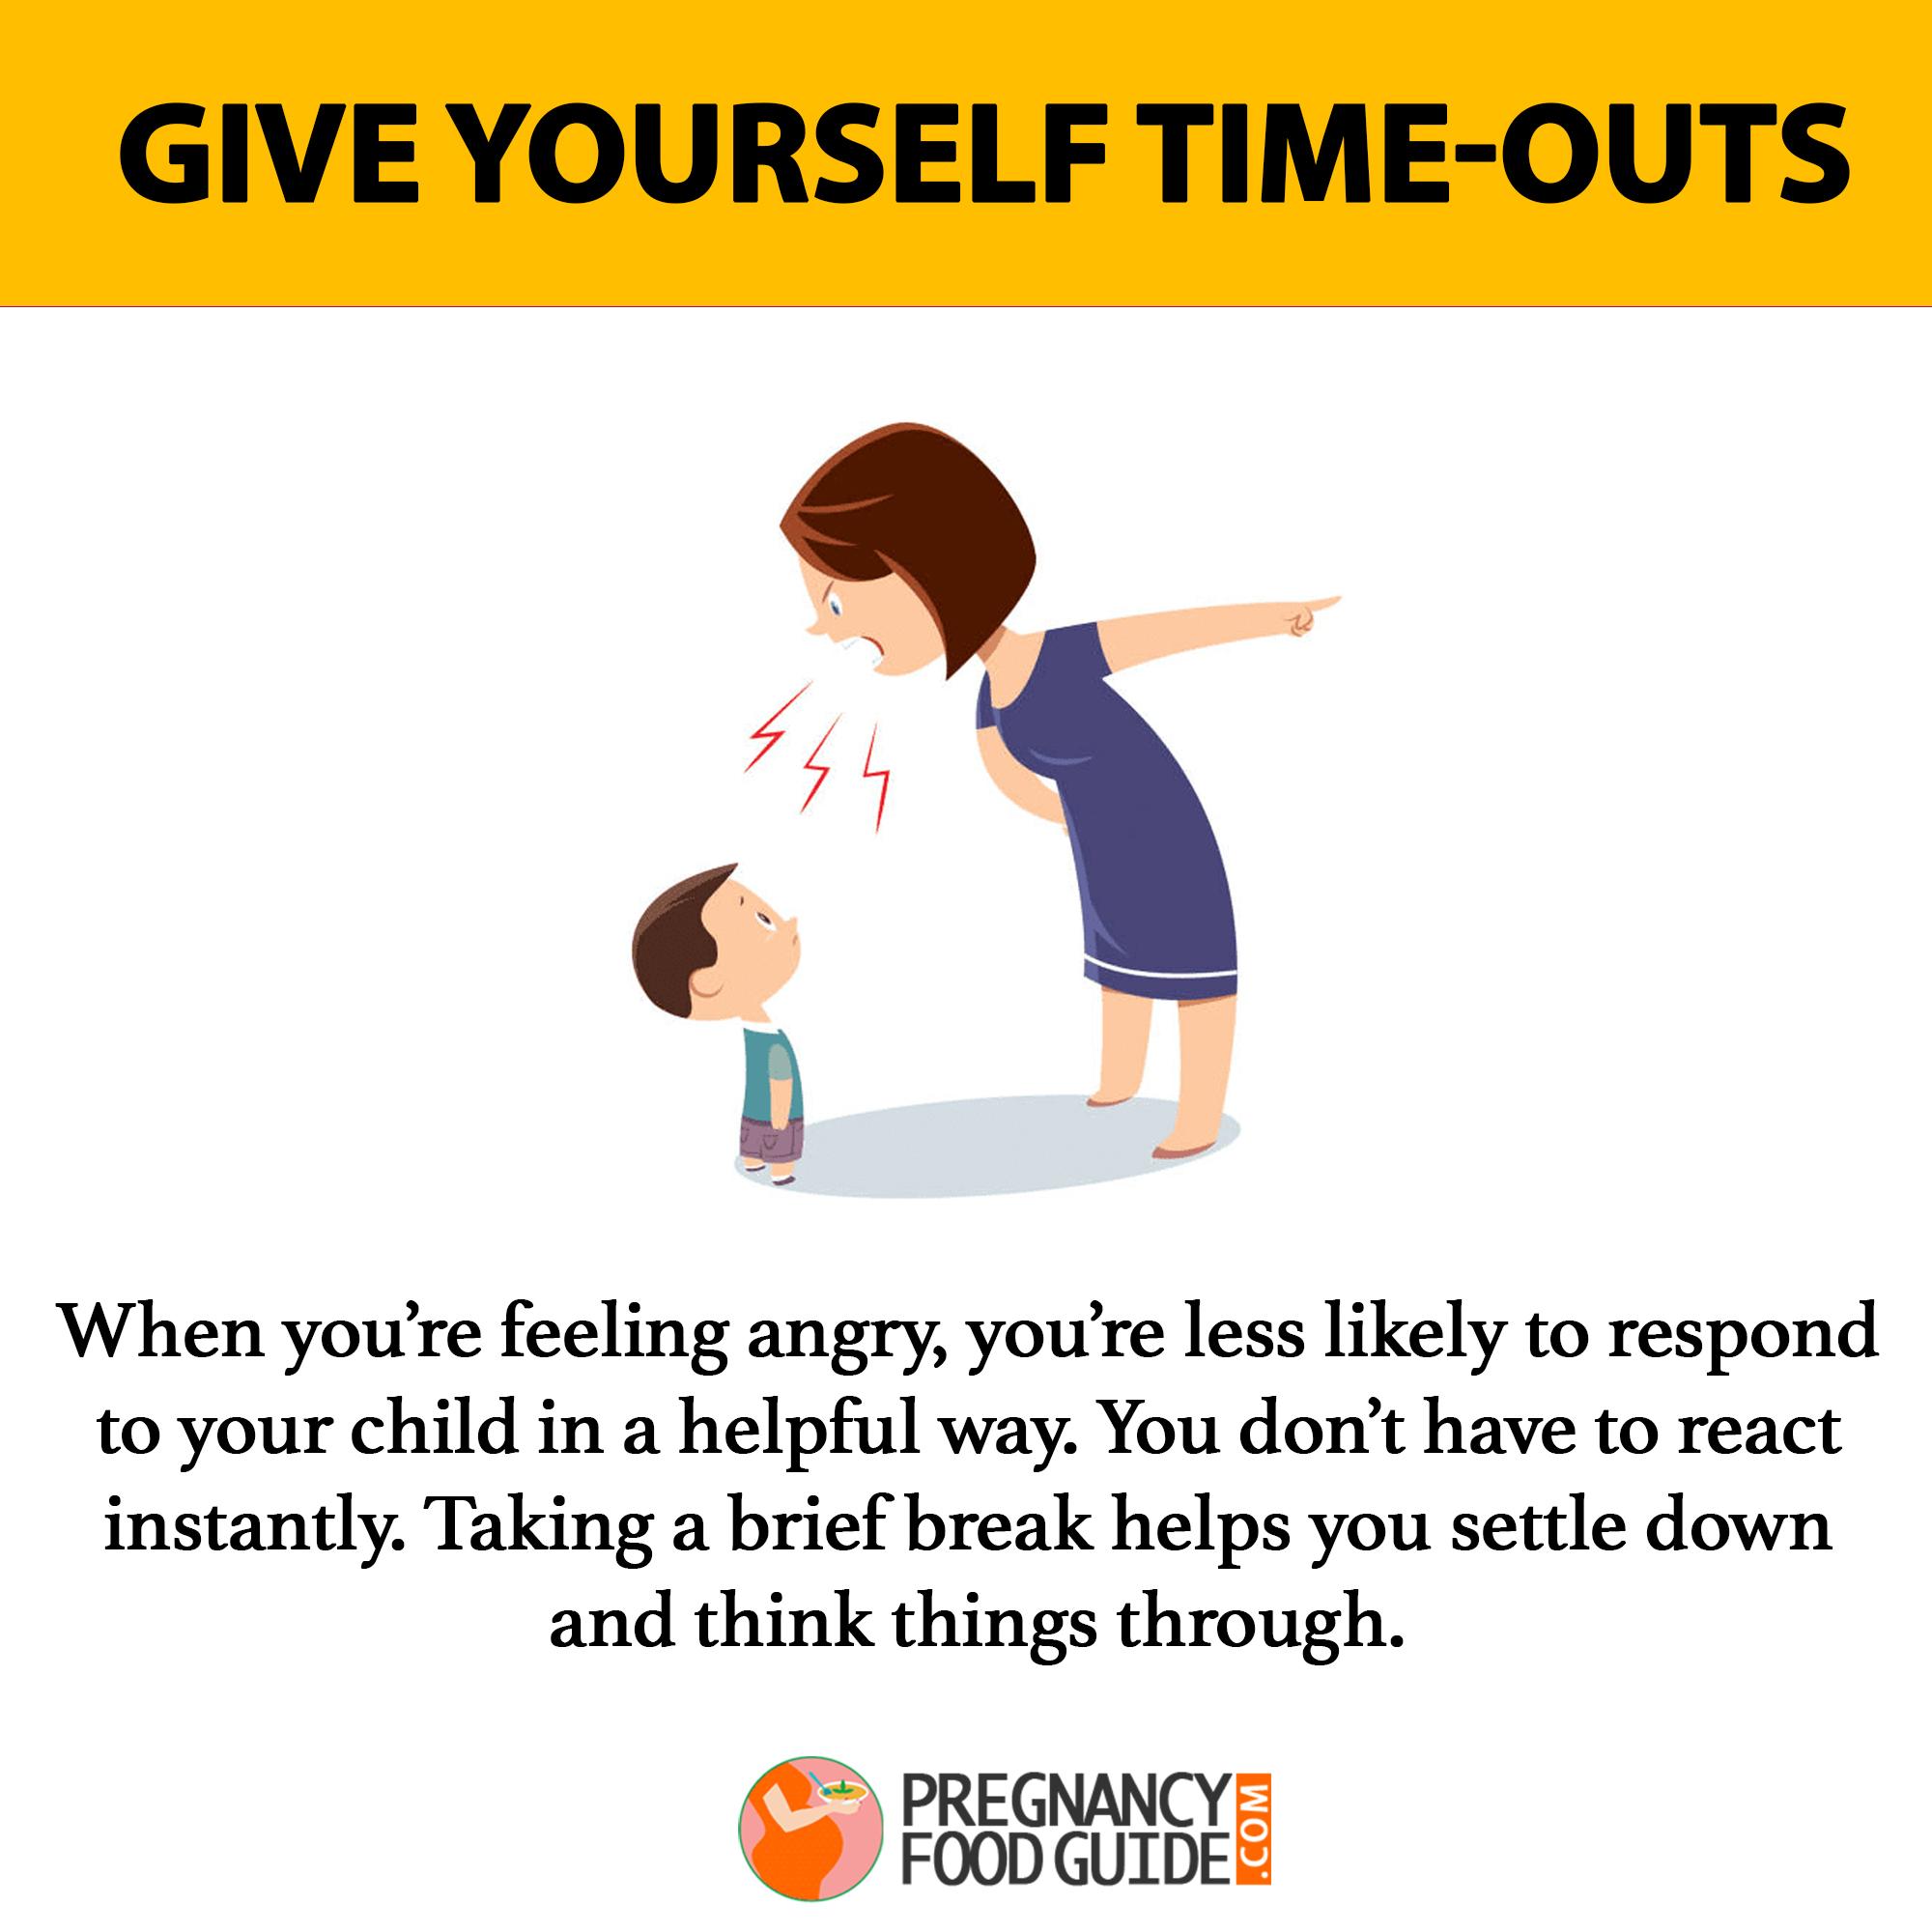 take a time out